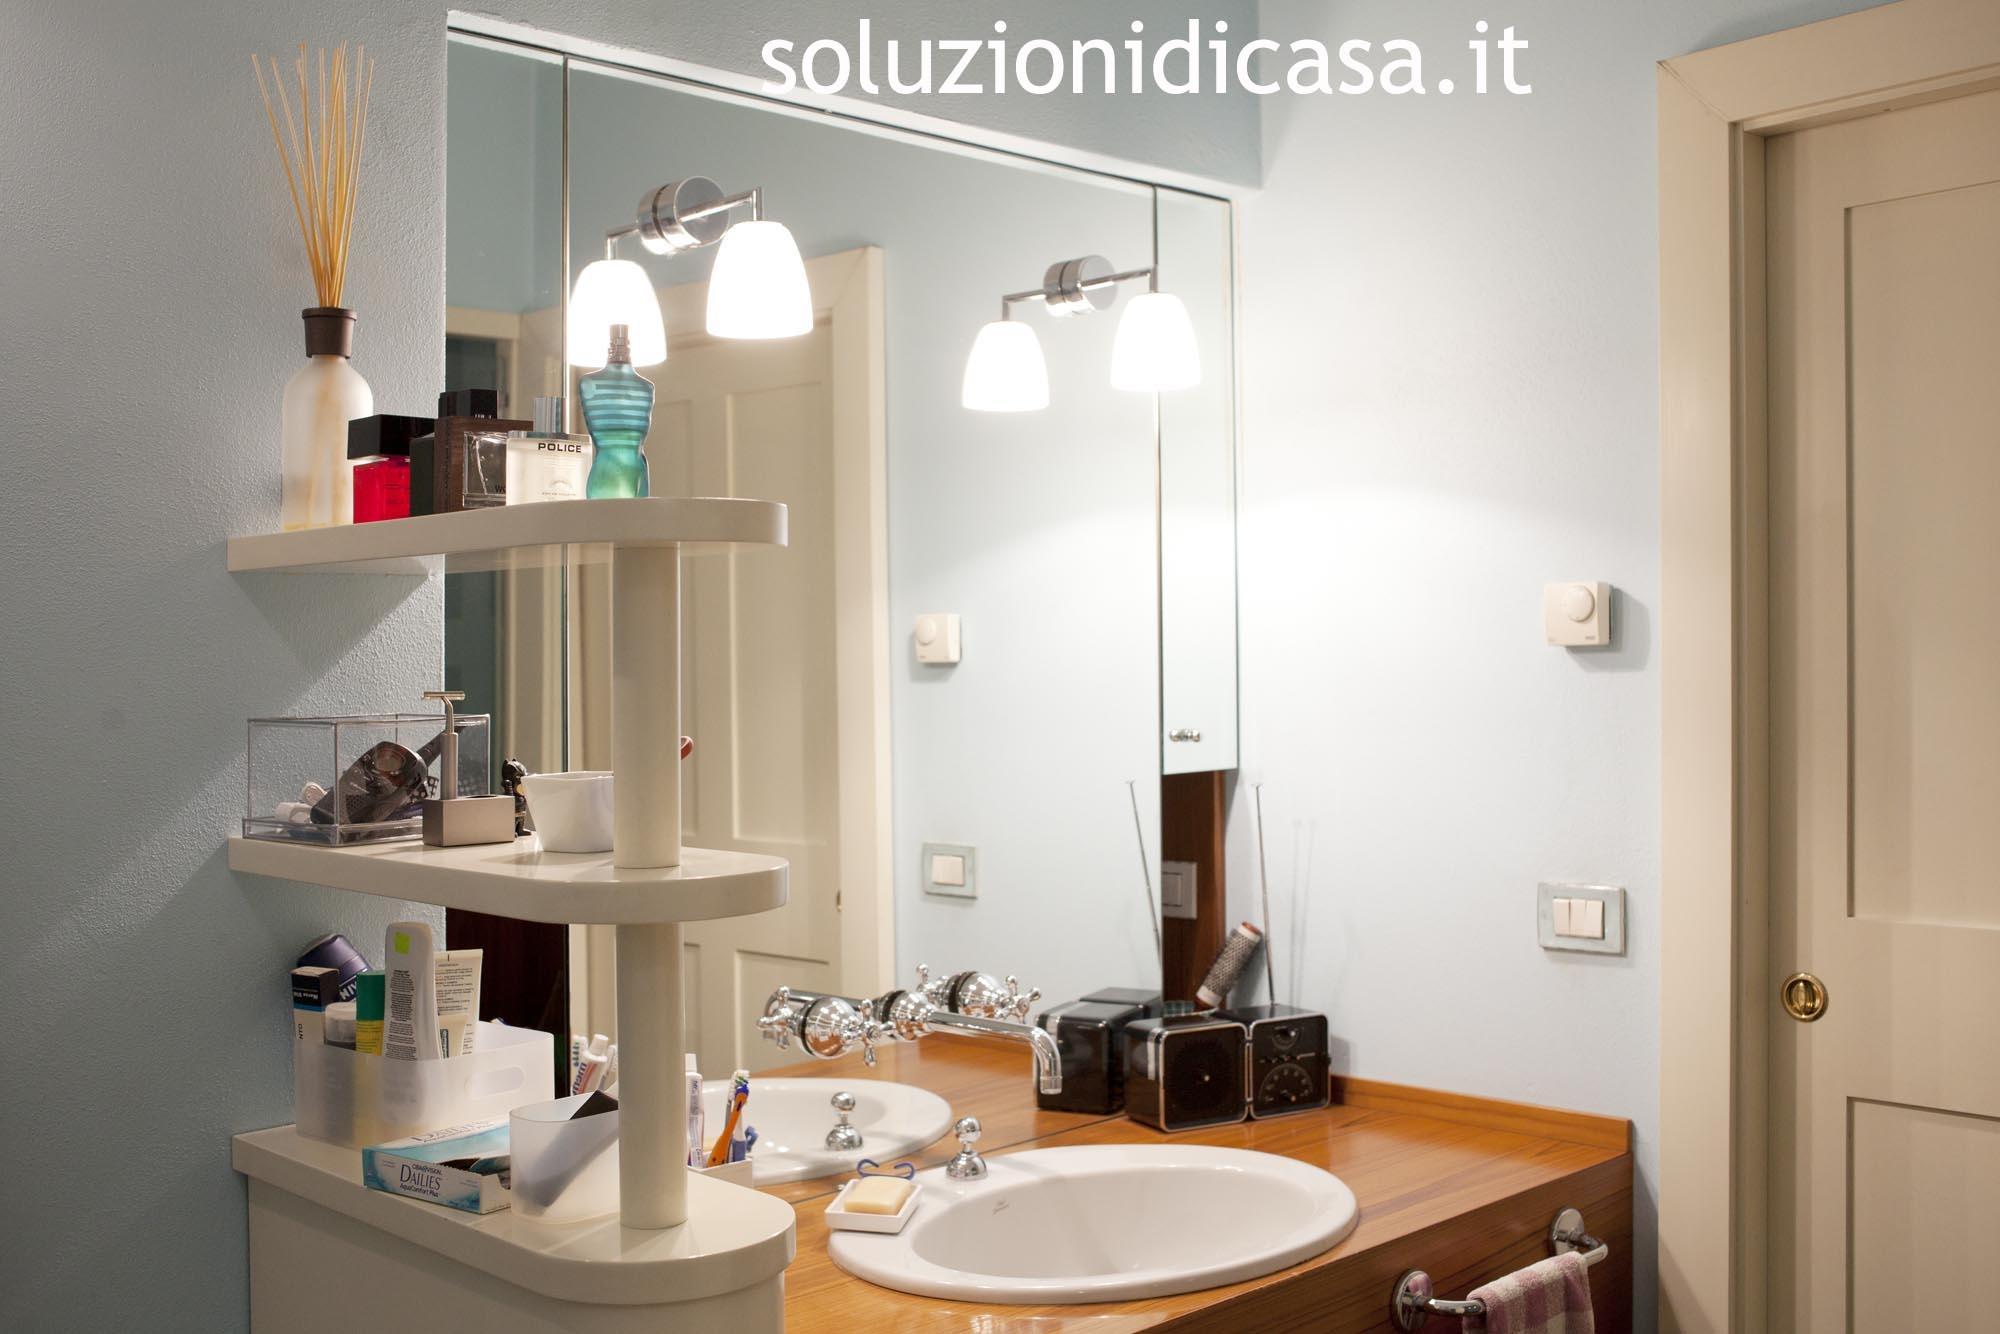 Odore Di Muffa E Umidita Come Eliminarli Soluzioni Di Casa